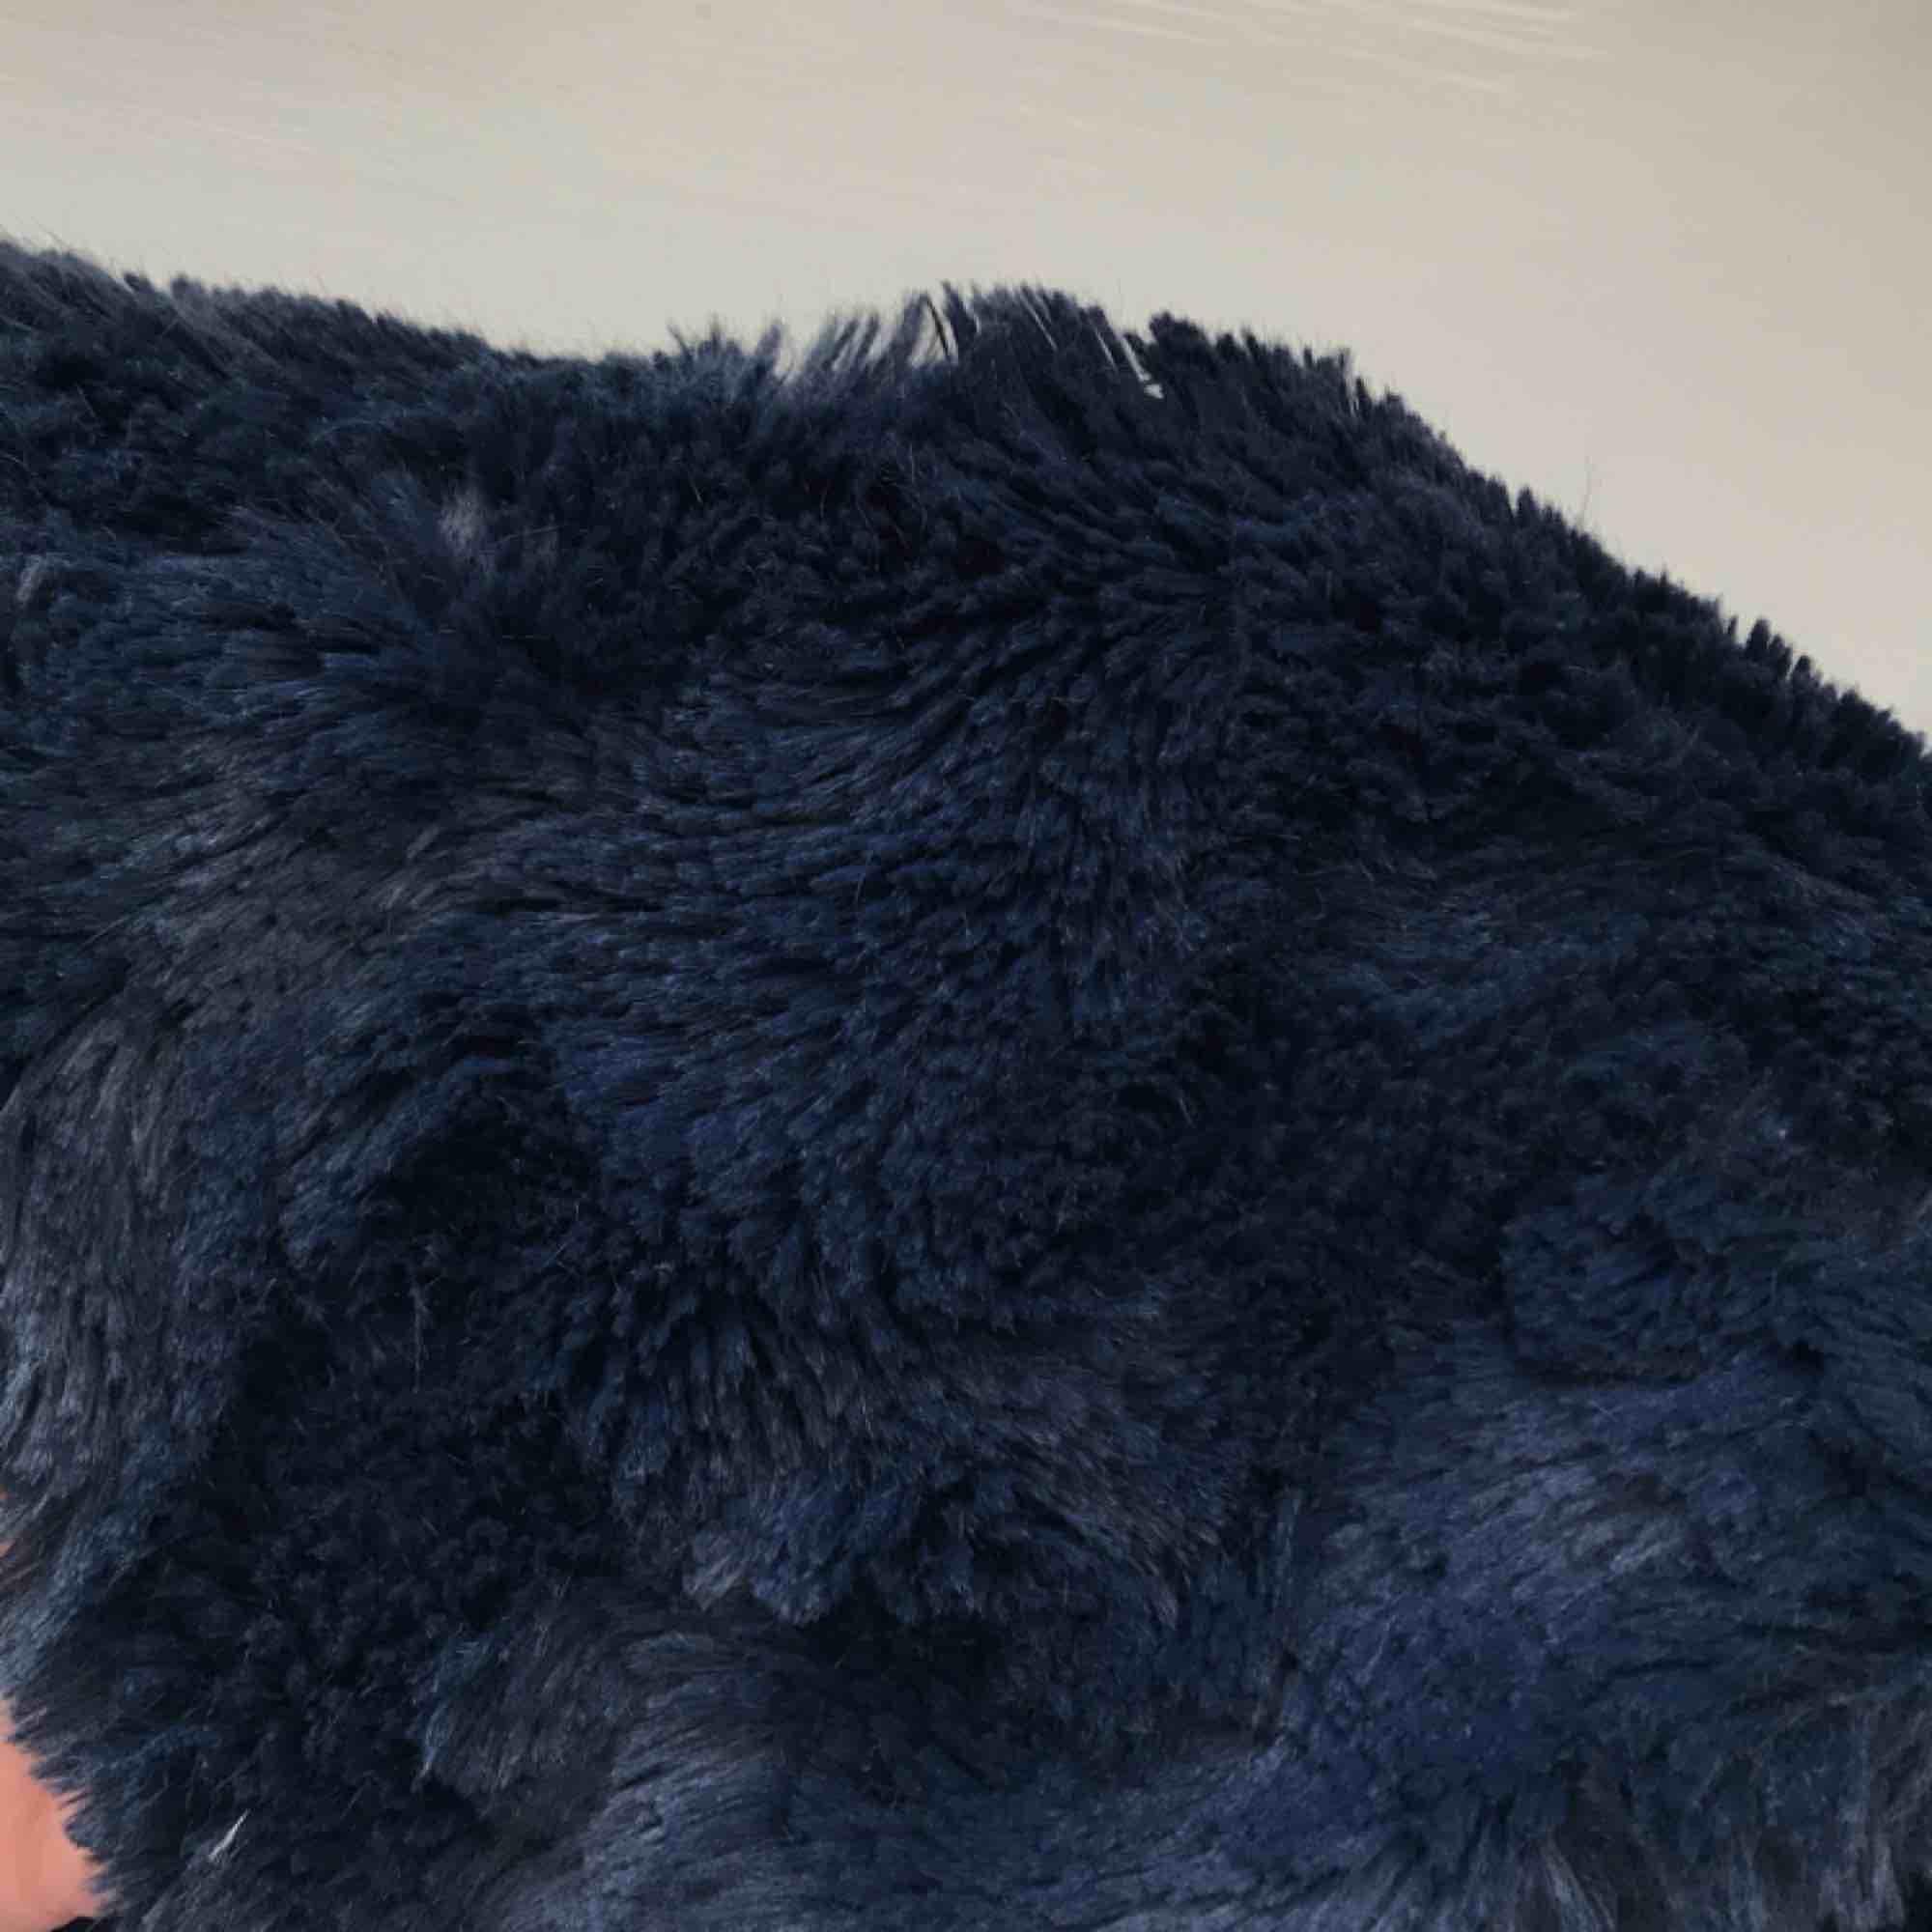 Jättefin mörkblå fuskpälsjacka från Vero Moda. Bild 2 visar färgen på jackan tydligare! Den är ganska tunn i materialet så den passar perfekt till hösten och våren, frakt ingår i priset :). Jackor.